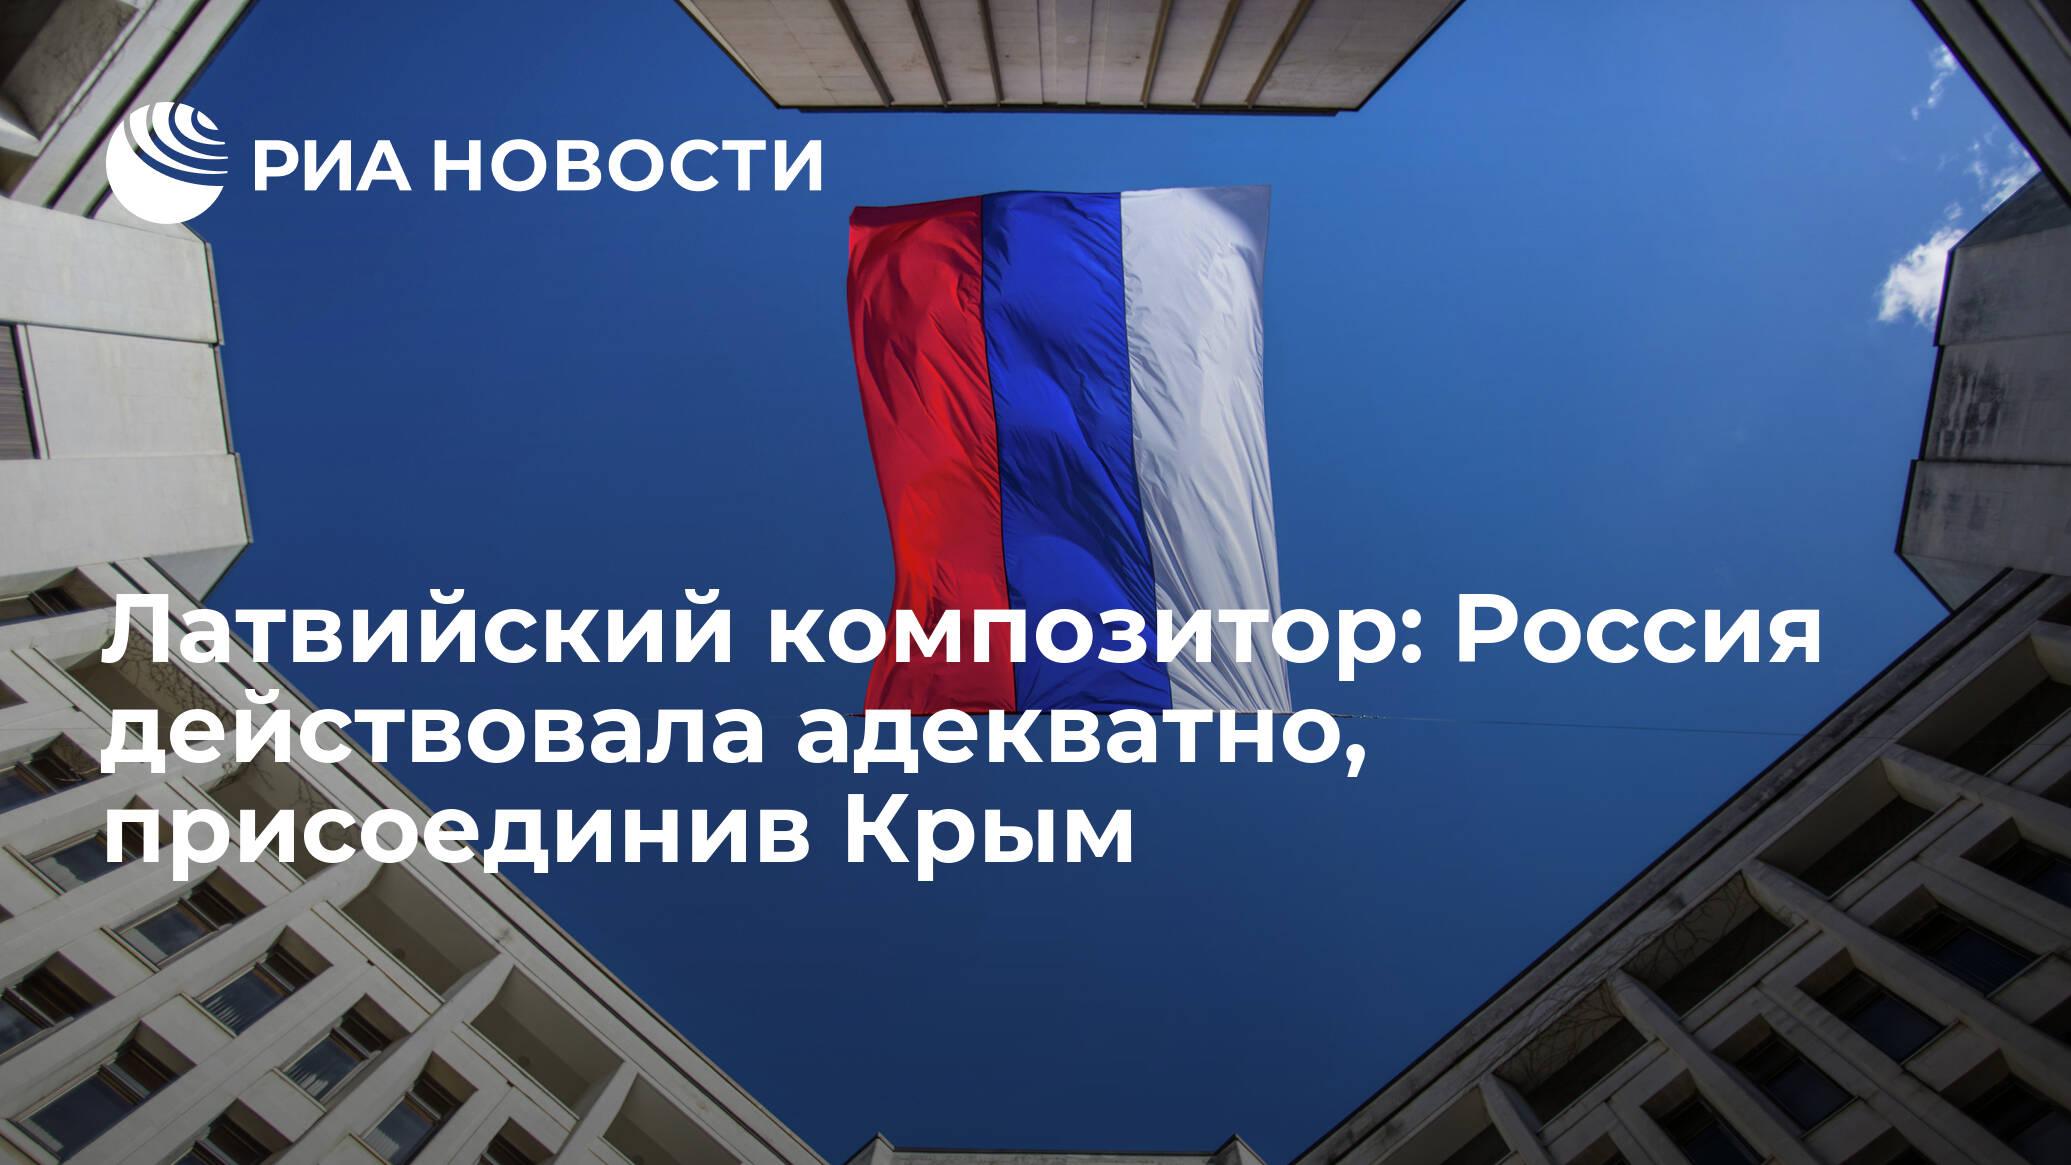 Латвийский композитор: Россия действовала адекватно, присоединив Крым